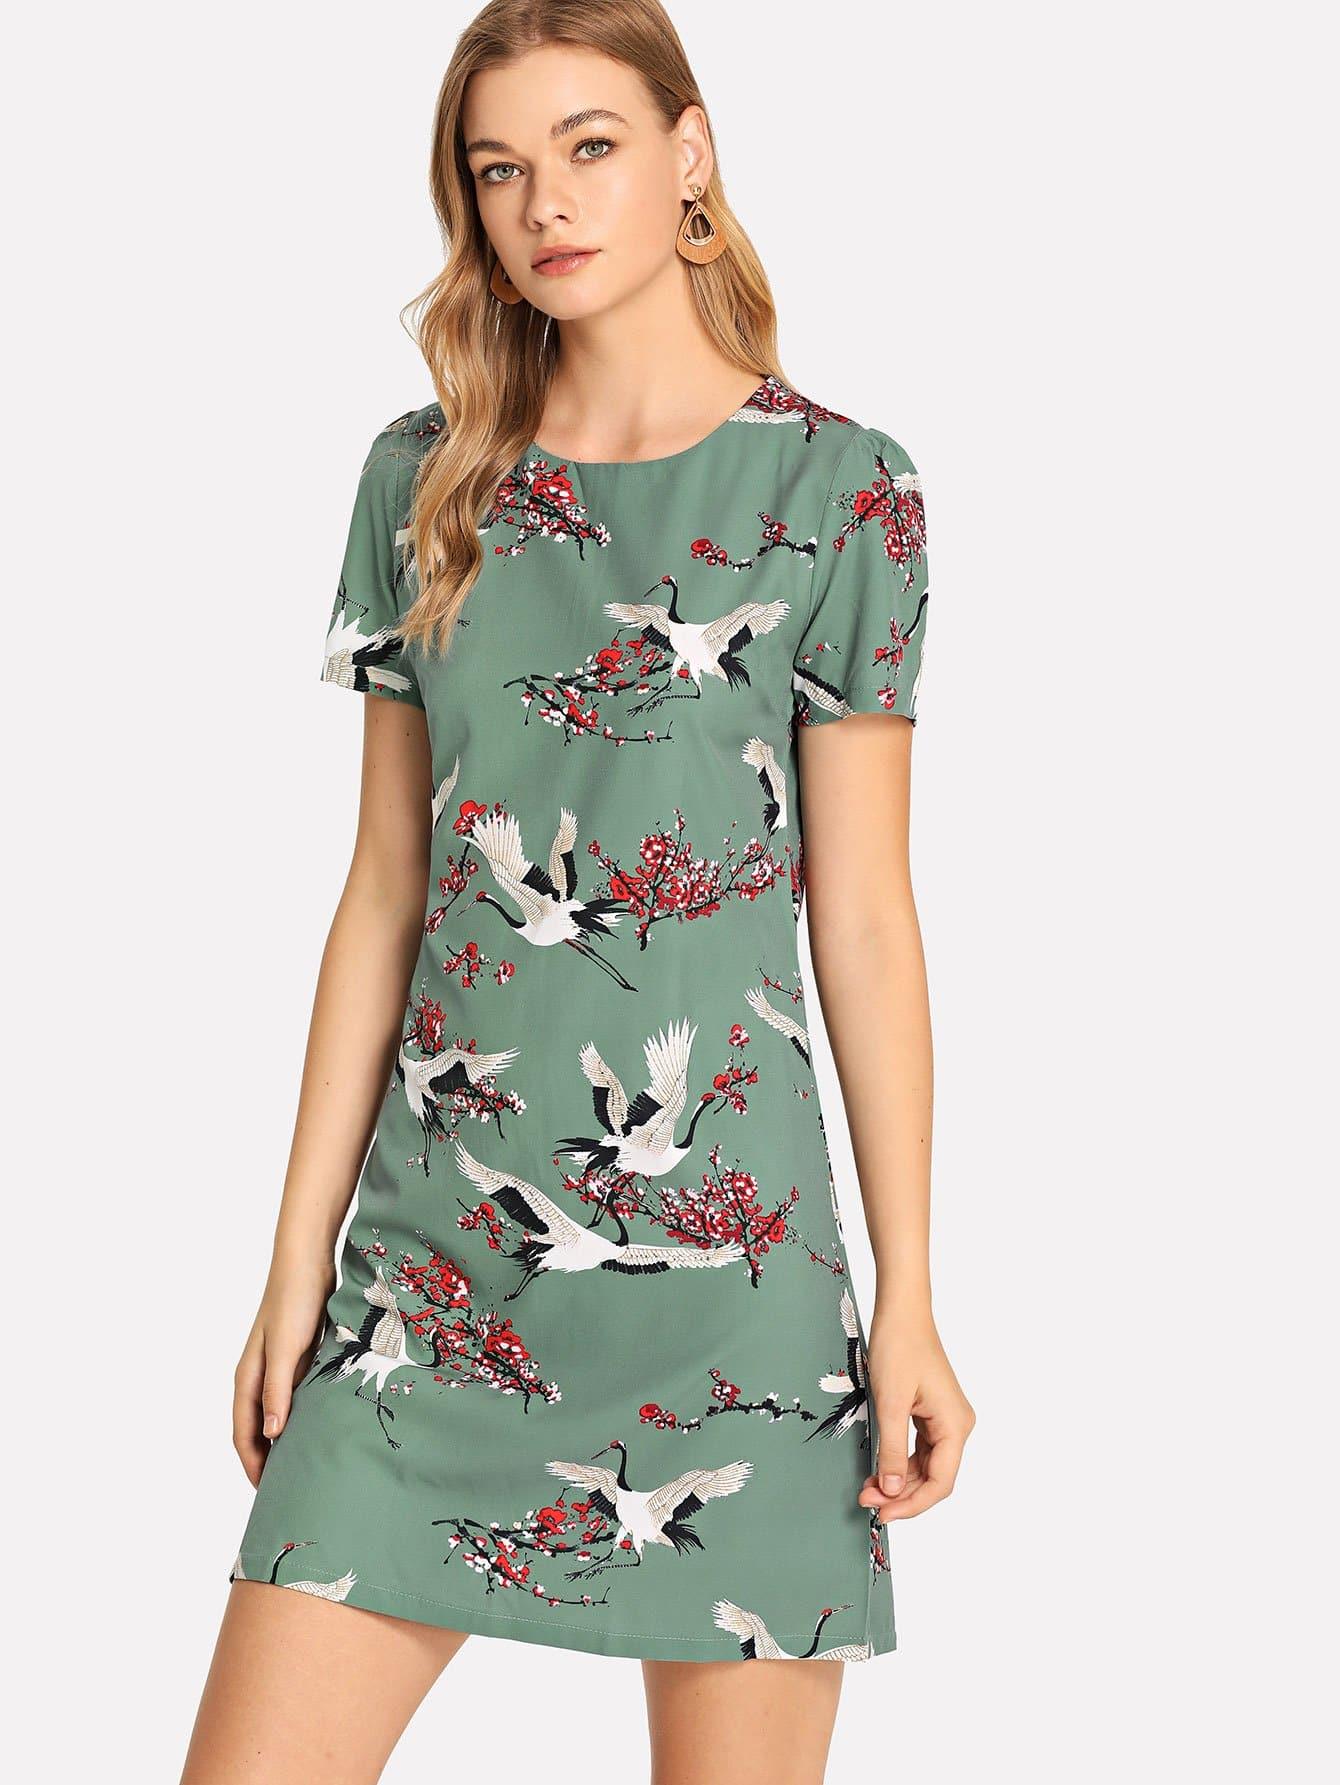 Купить Платье с рисунком крана и рукава с розеткой, Teresa, SheIn